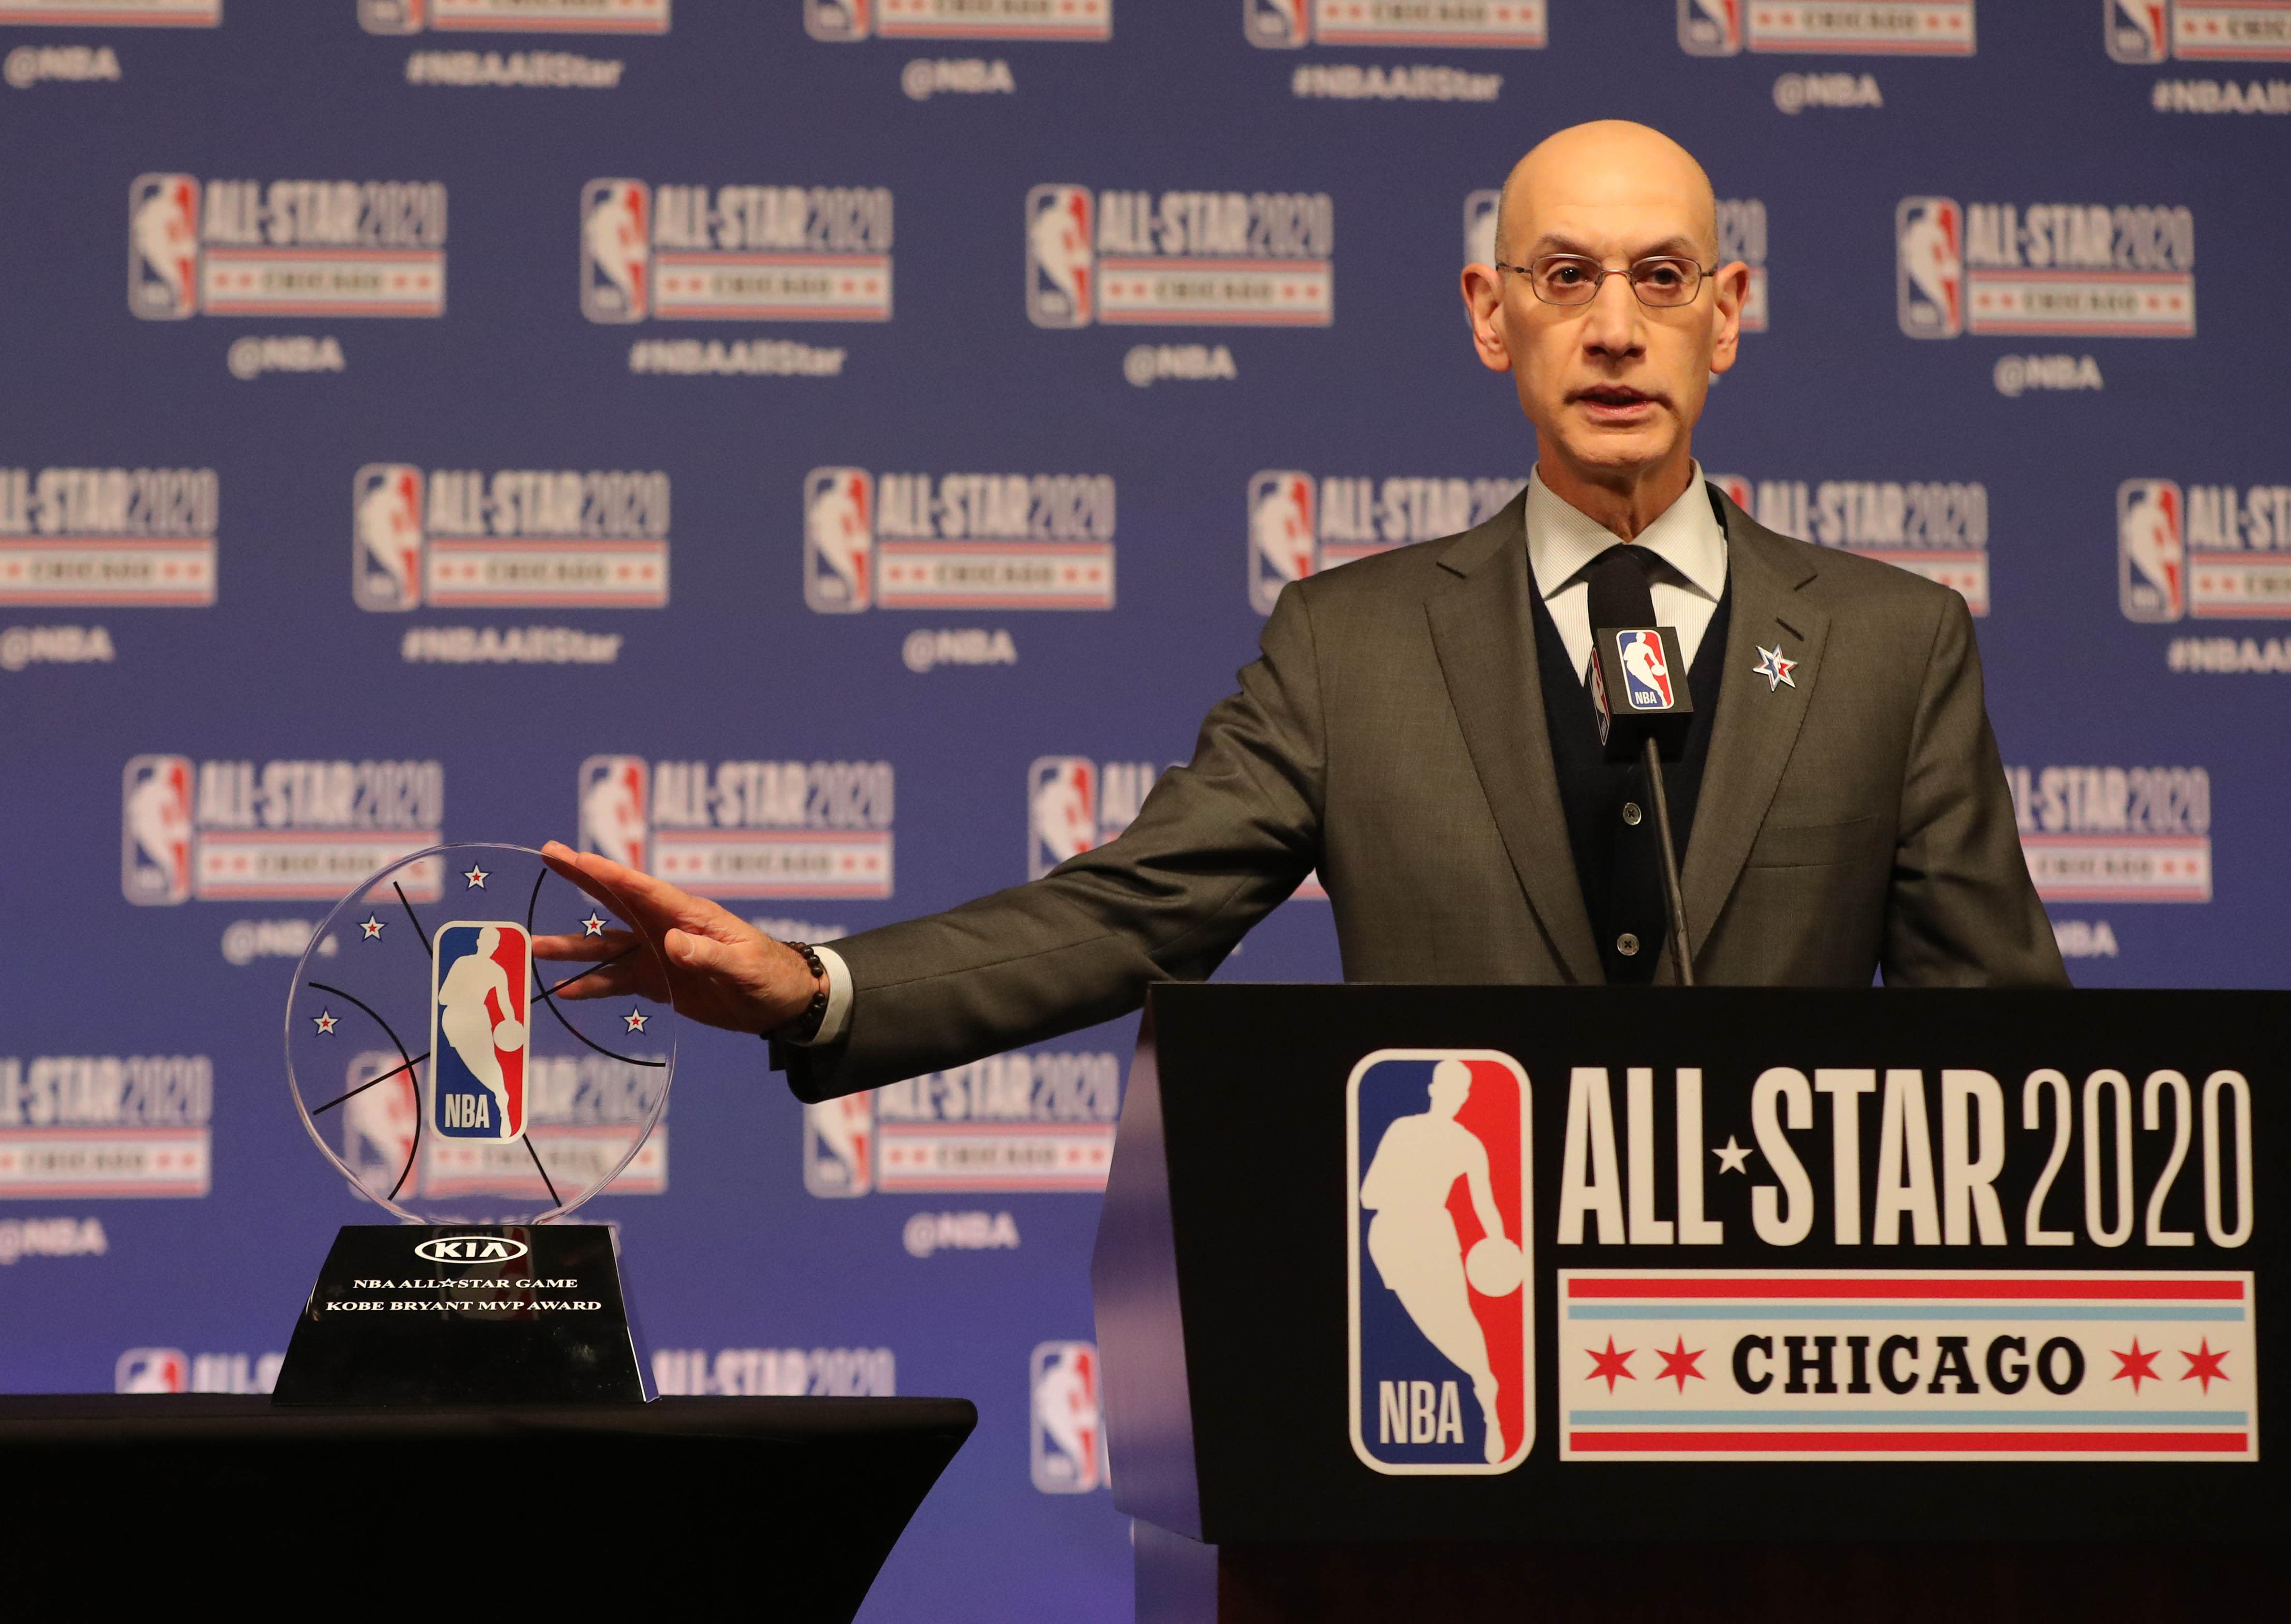 NBA, 2020-21 sezonunun başlangıcı için iki potansiyel başlangıç tarihi açıkladı